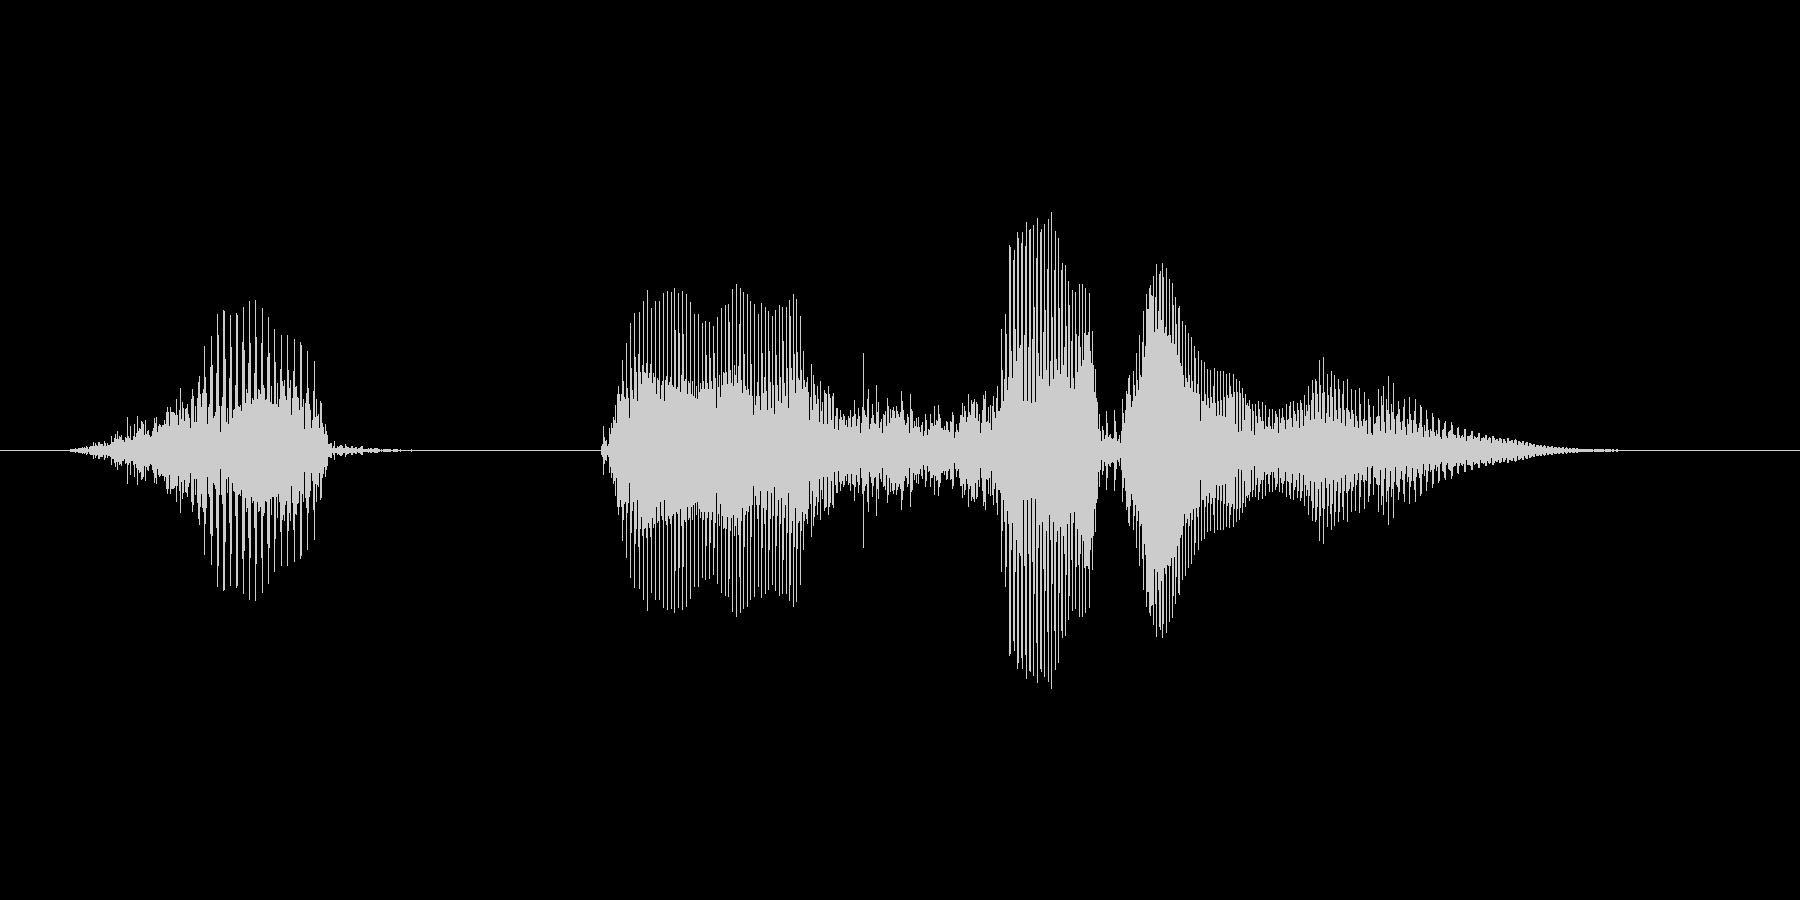 ハッピーハロウィン(落ち着いた男の子)の未再生の波形